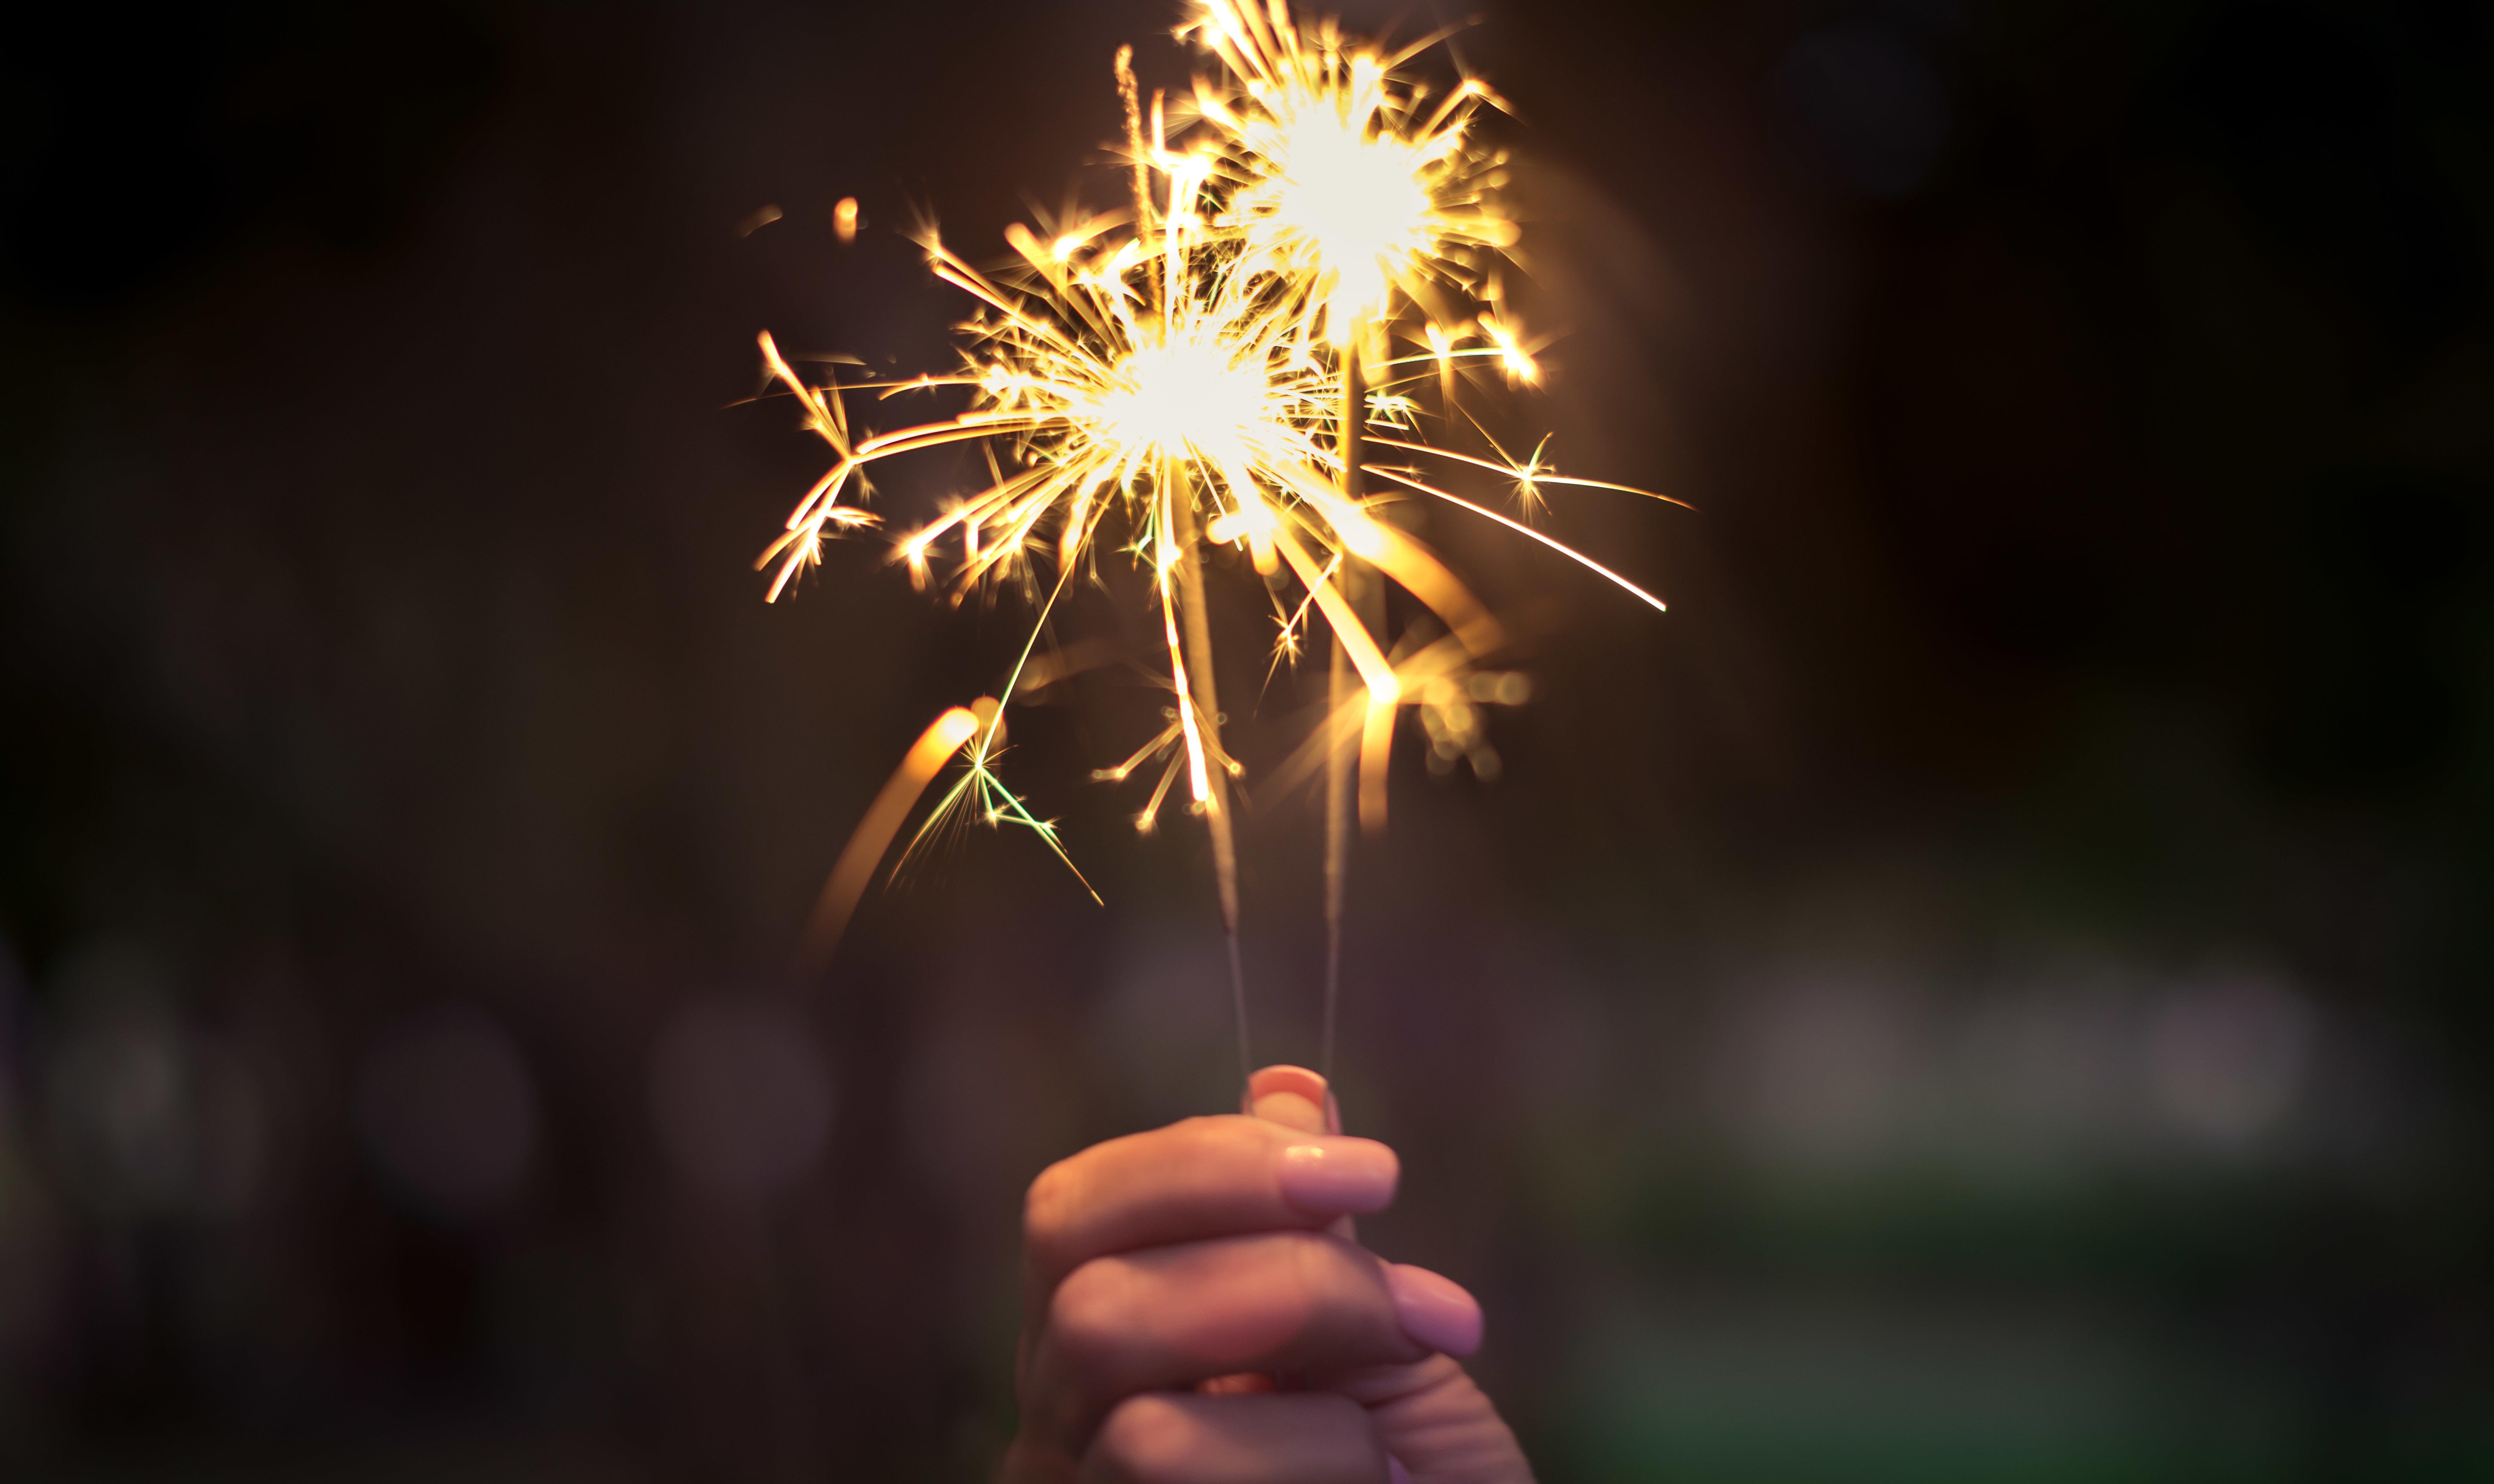 fuochi d'artificio 2019